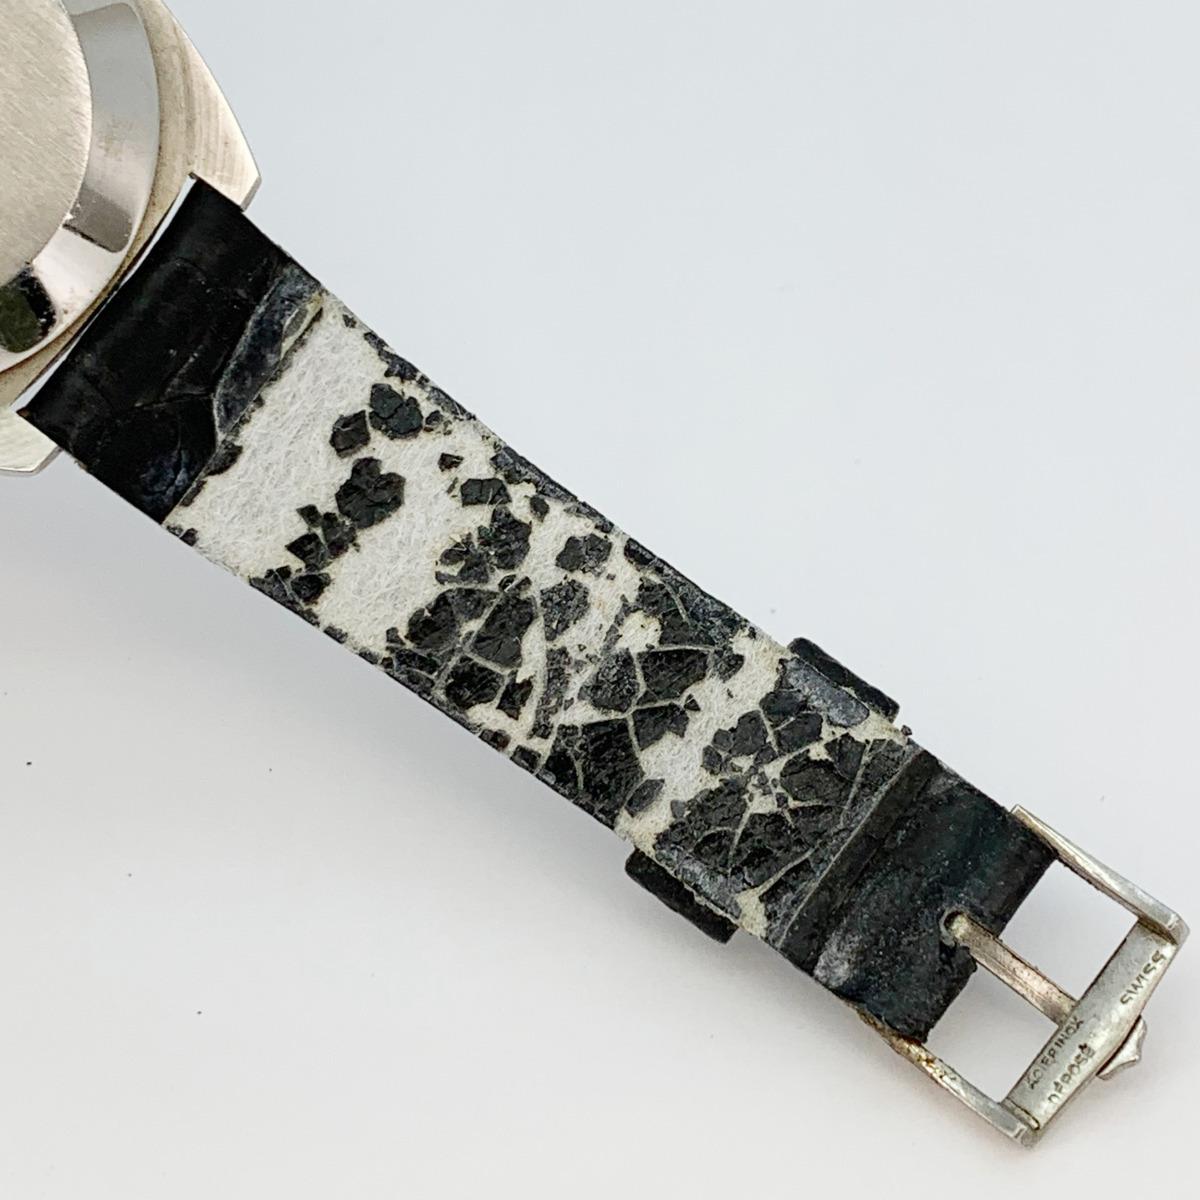 値下げ Universal Geneve ユニバーサルジュネーヴ 853106 Vintage Unisonic Men's Watch 音叉時計 メンズ U_画像6